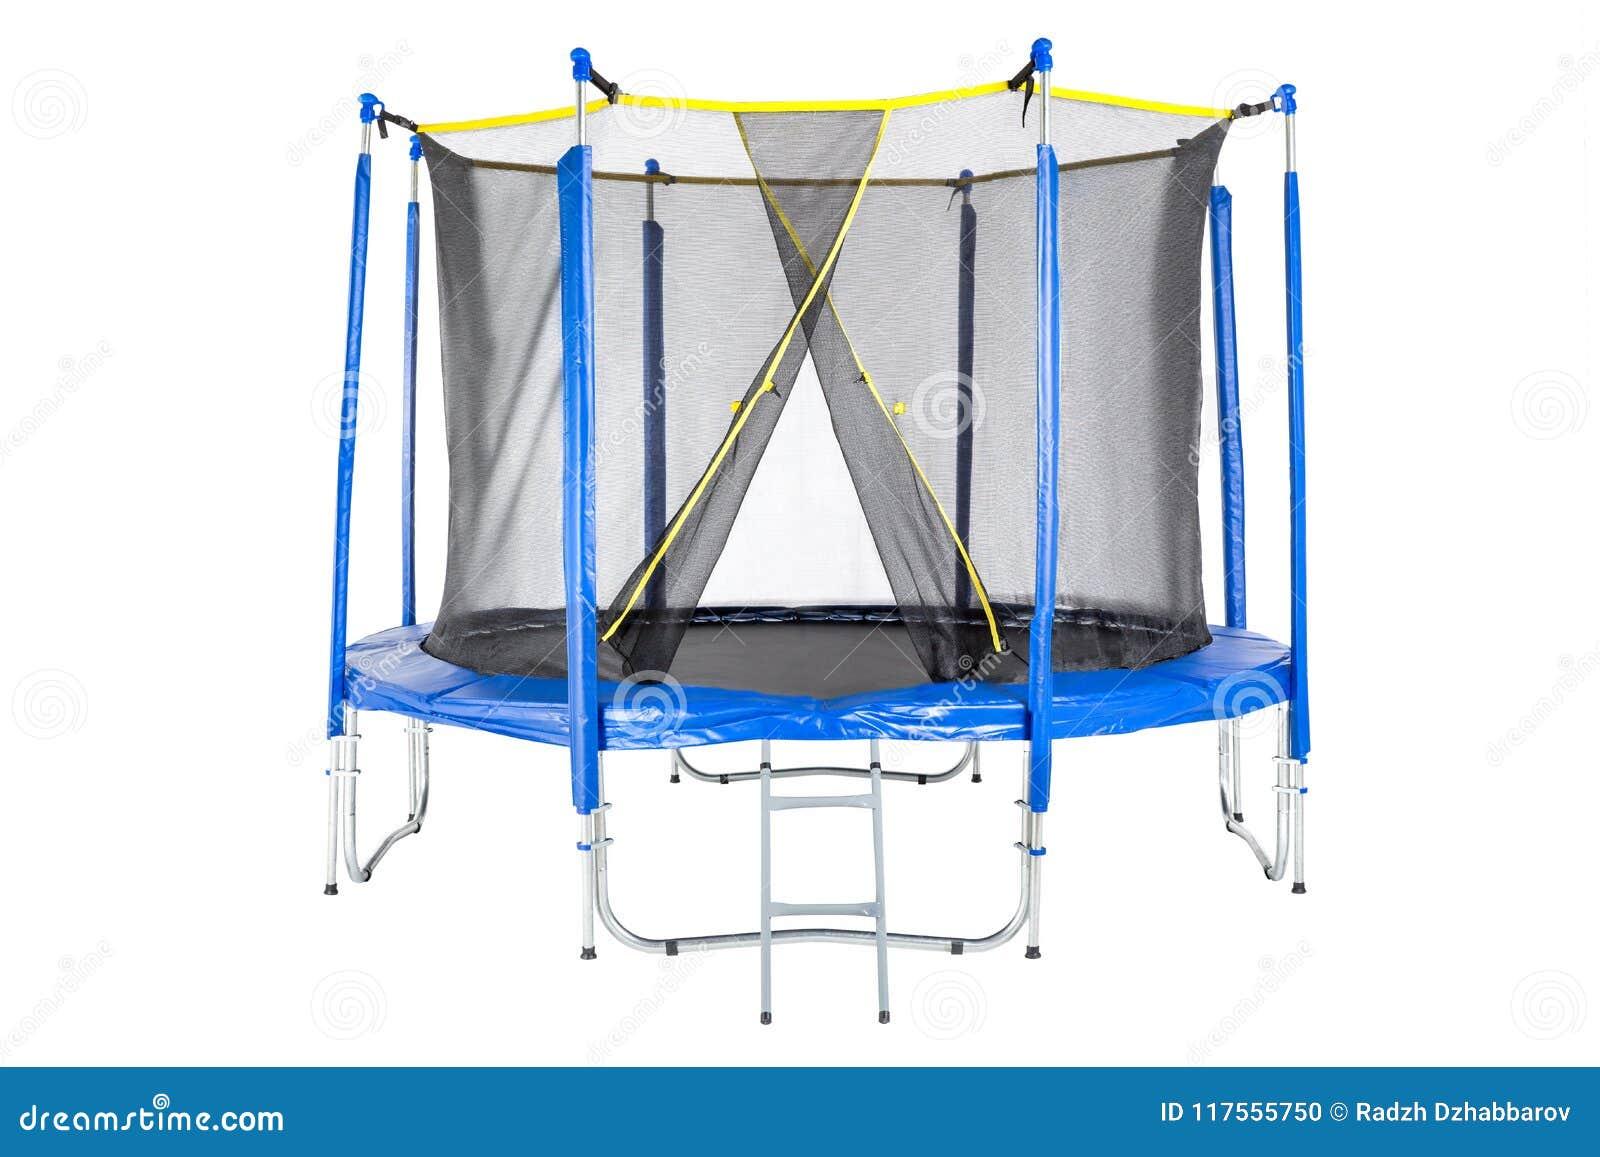 Trampolin för barn och vuxna människor för den roliga inomhus eller utomhus- konditionbanhoppningen på vit bakgrund Isolerad blå